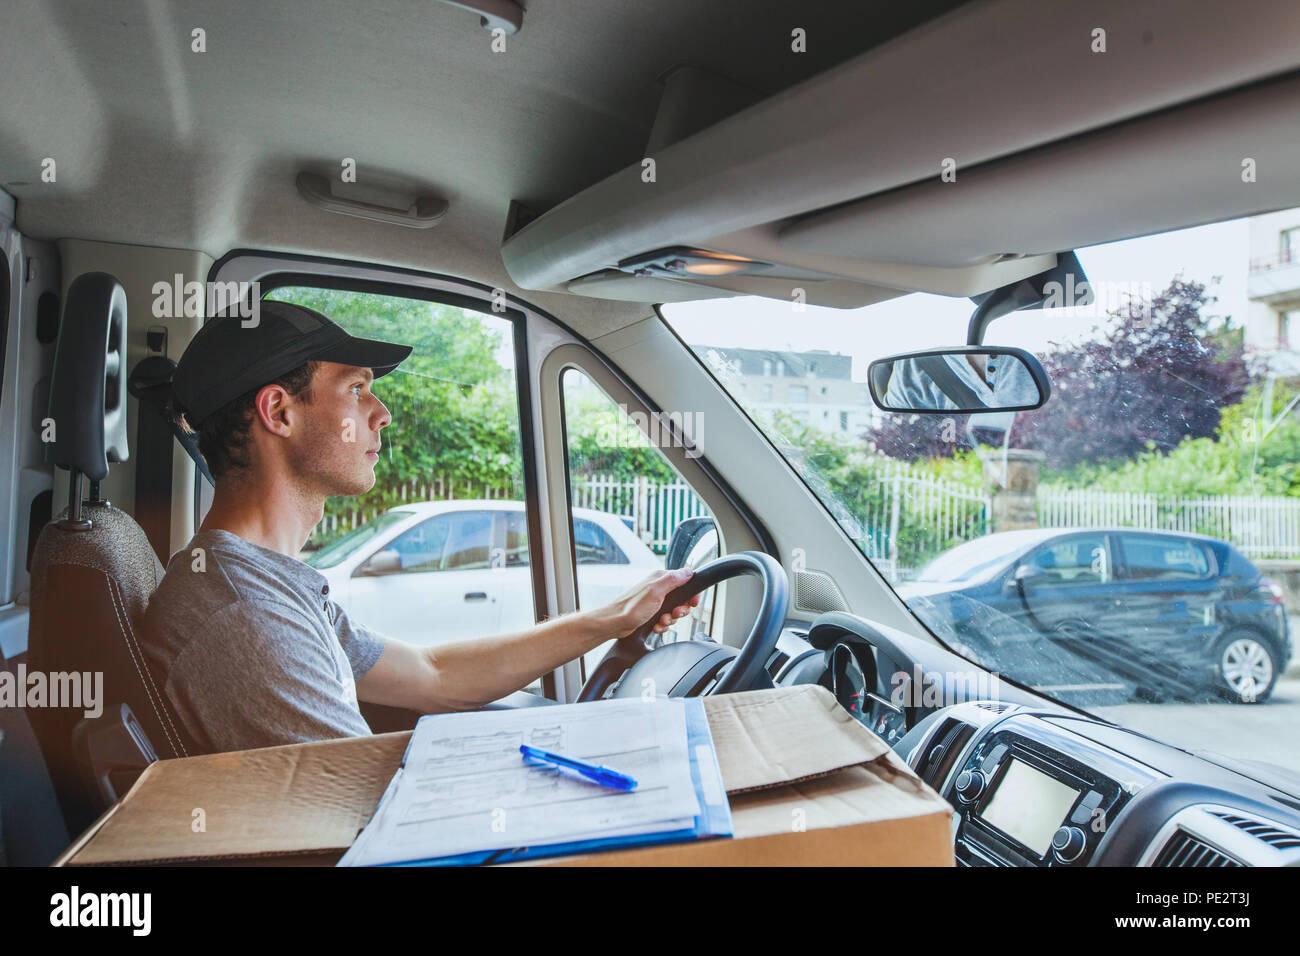 Entrega de trabajo de servicio de transporte, el conductor hombre con caja de paquete de conducción del vehículo automóvil camión Imagen De Stock